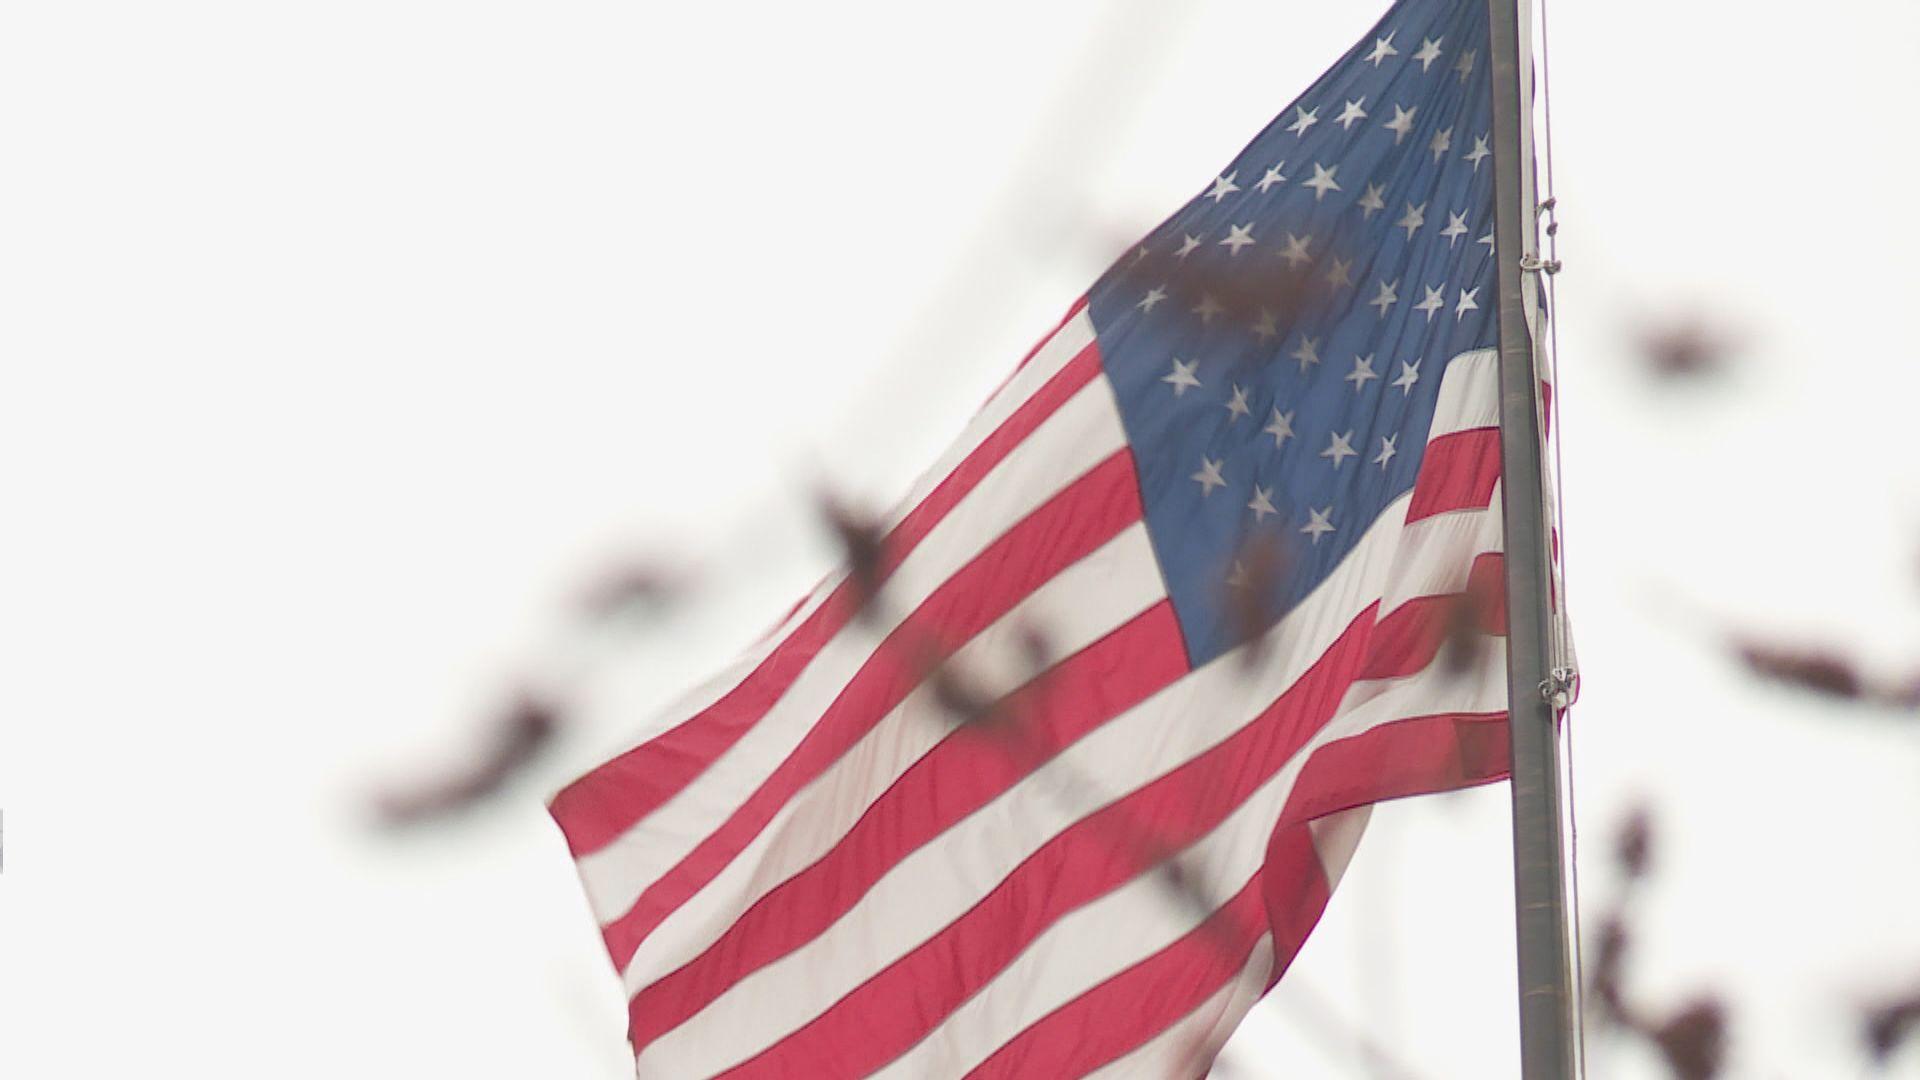 美國國務院發聲明關注港人參與政治權利被持續侵蝕